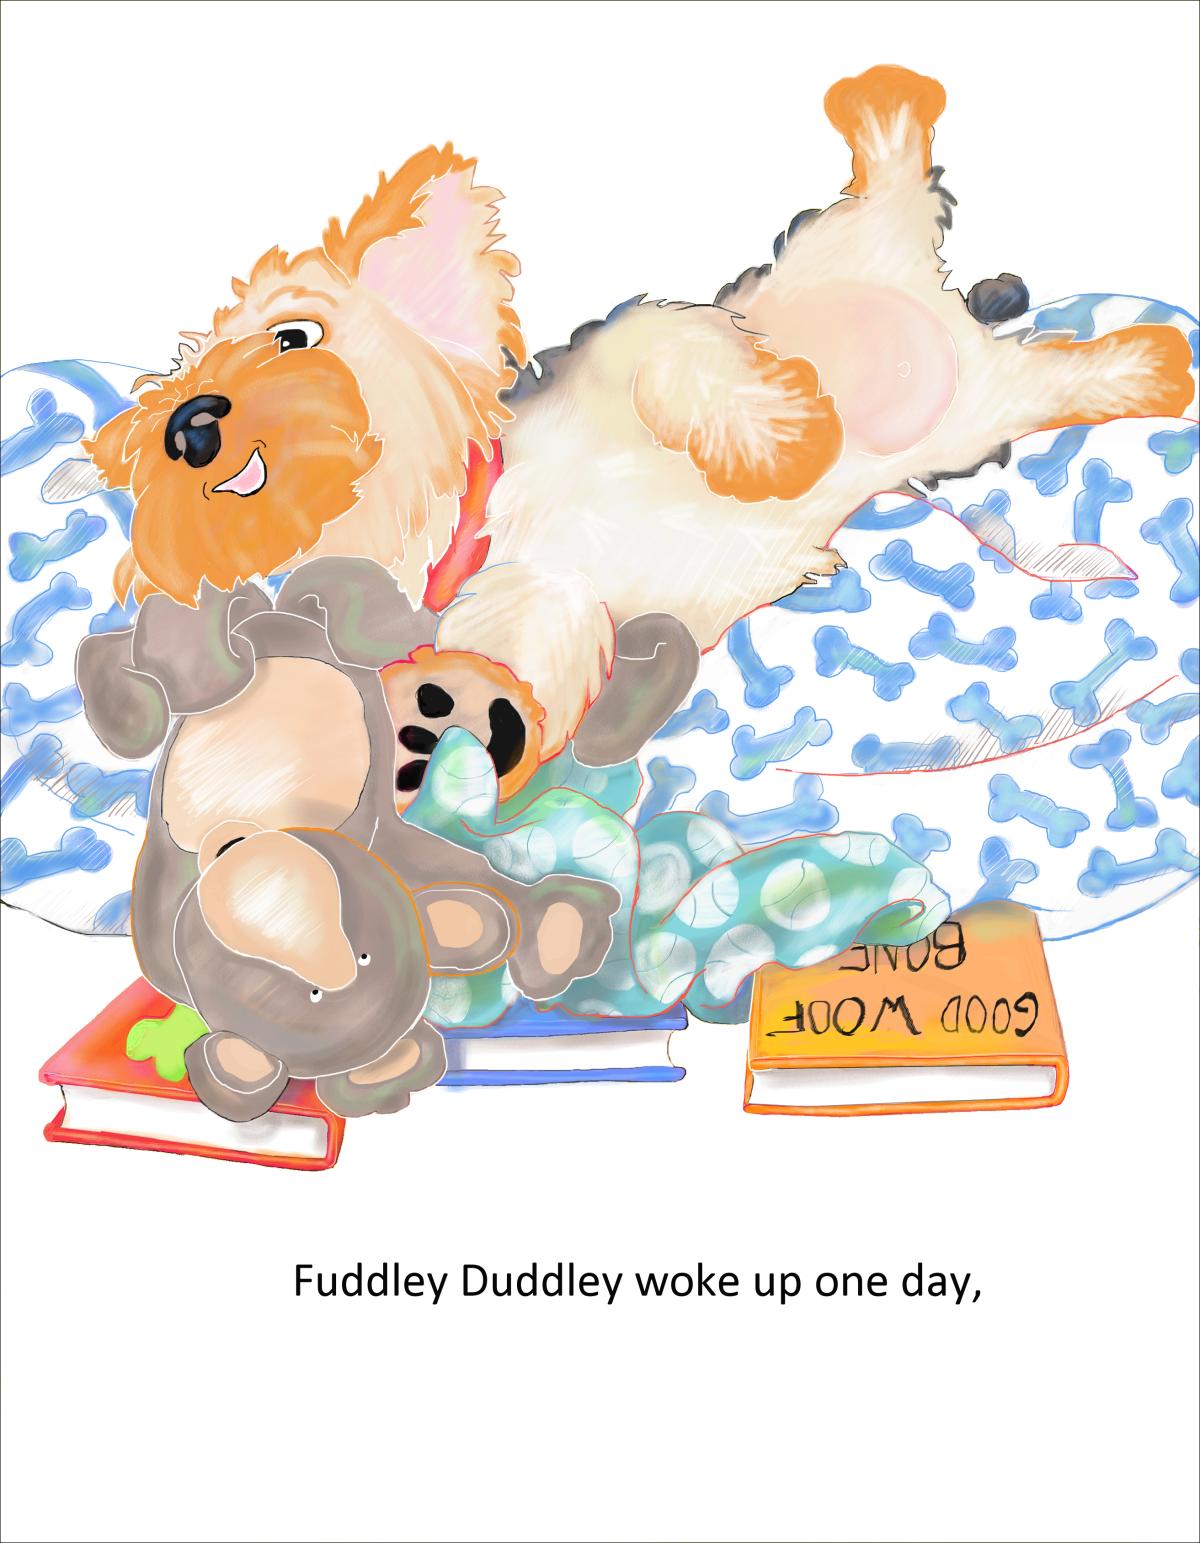 Elizabeth Martin Fuddley Duddley Pg 1 Waking Up